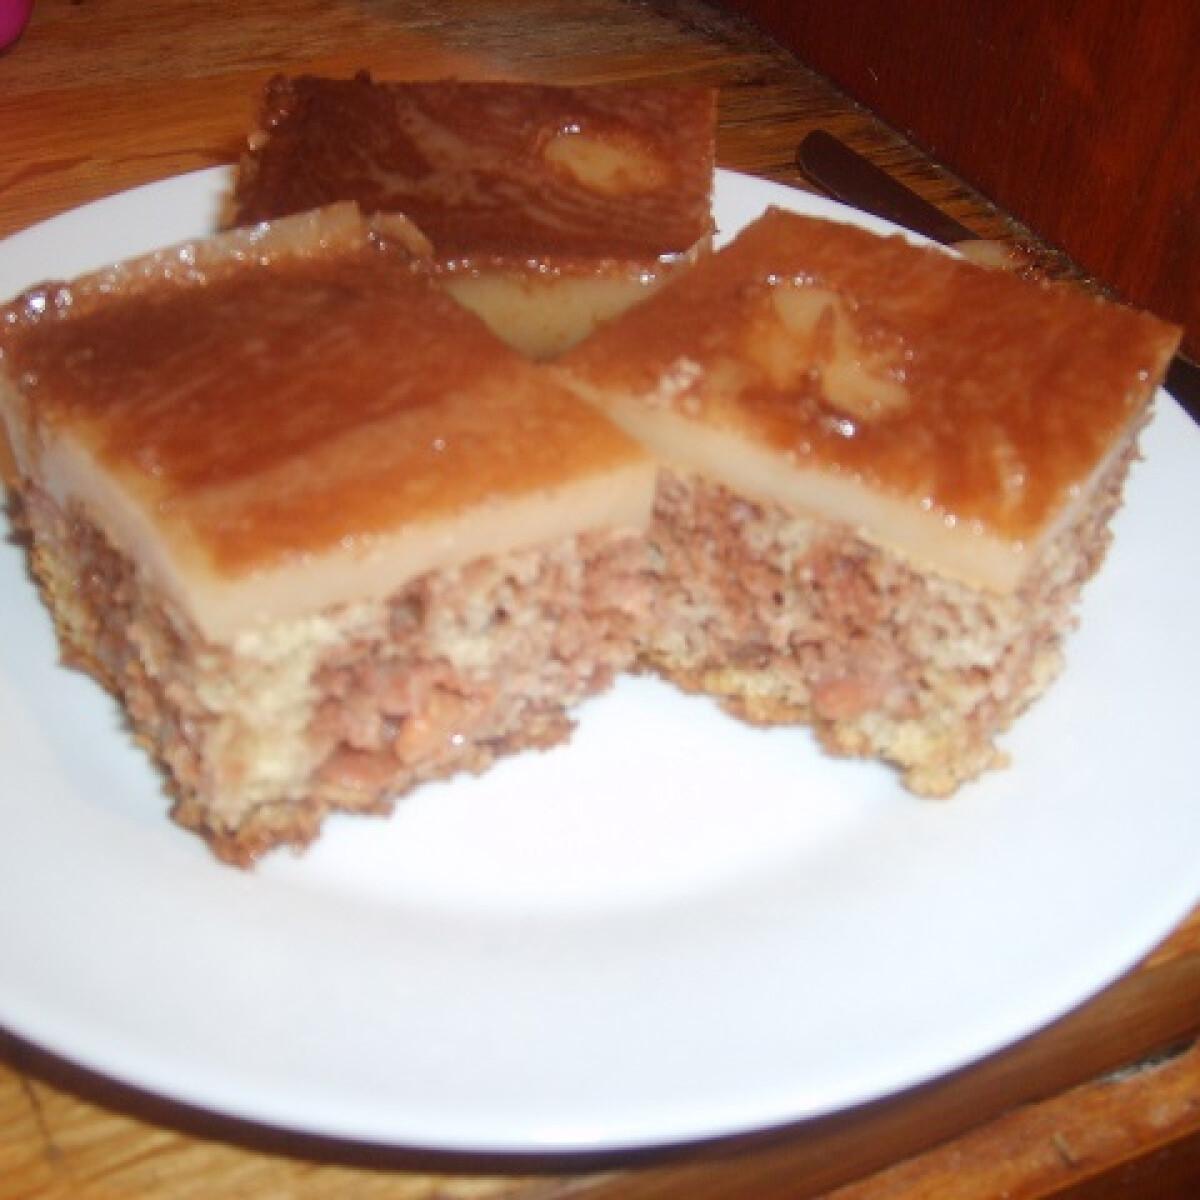 Ezen a képen: Márványos kakaós-meggyes süti